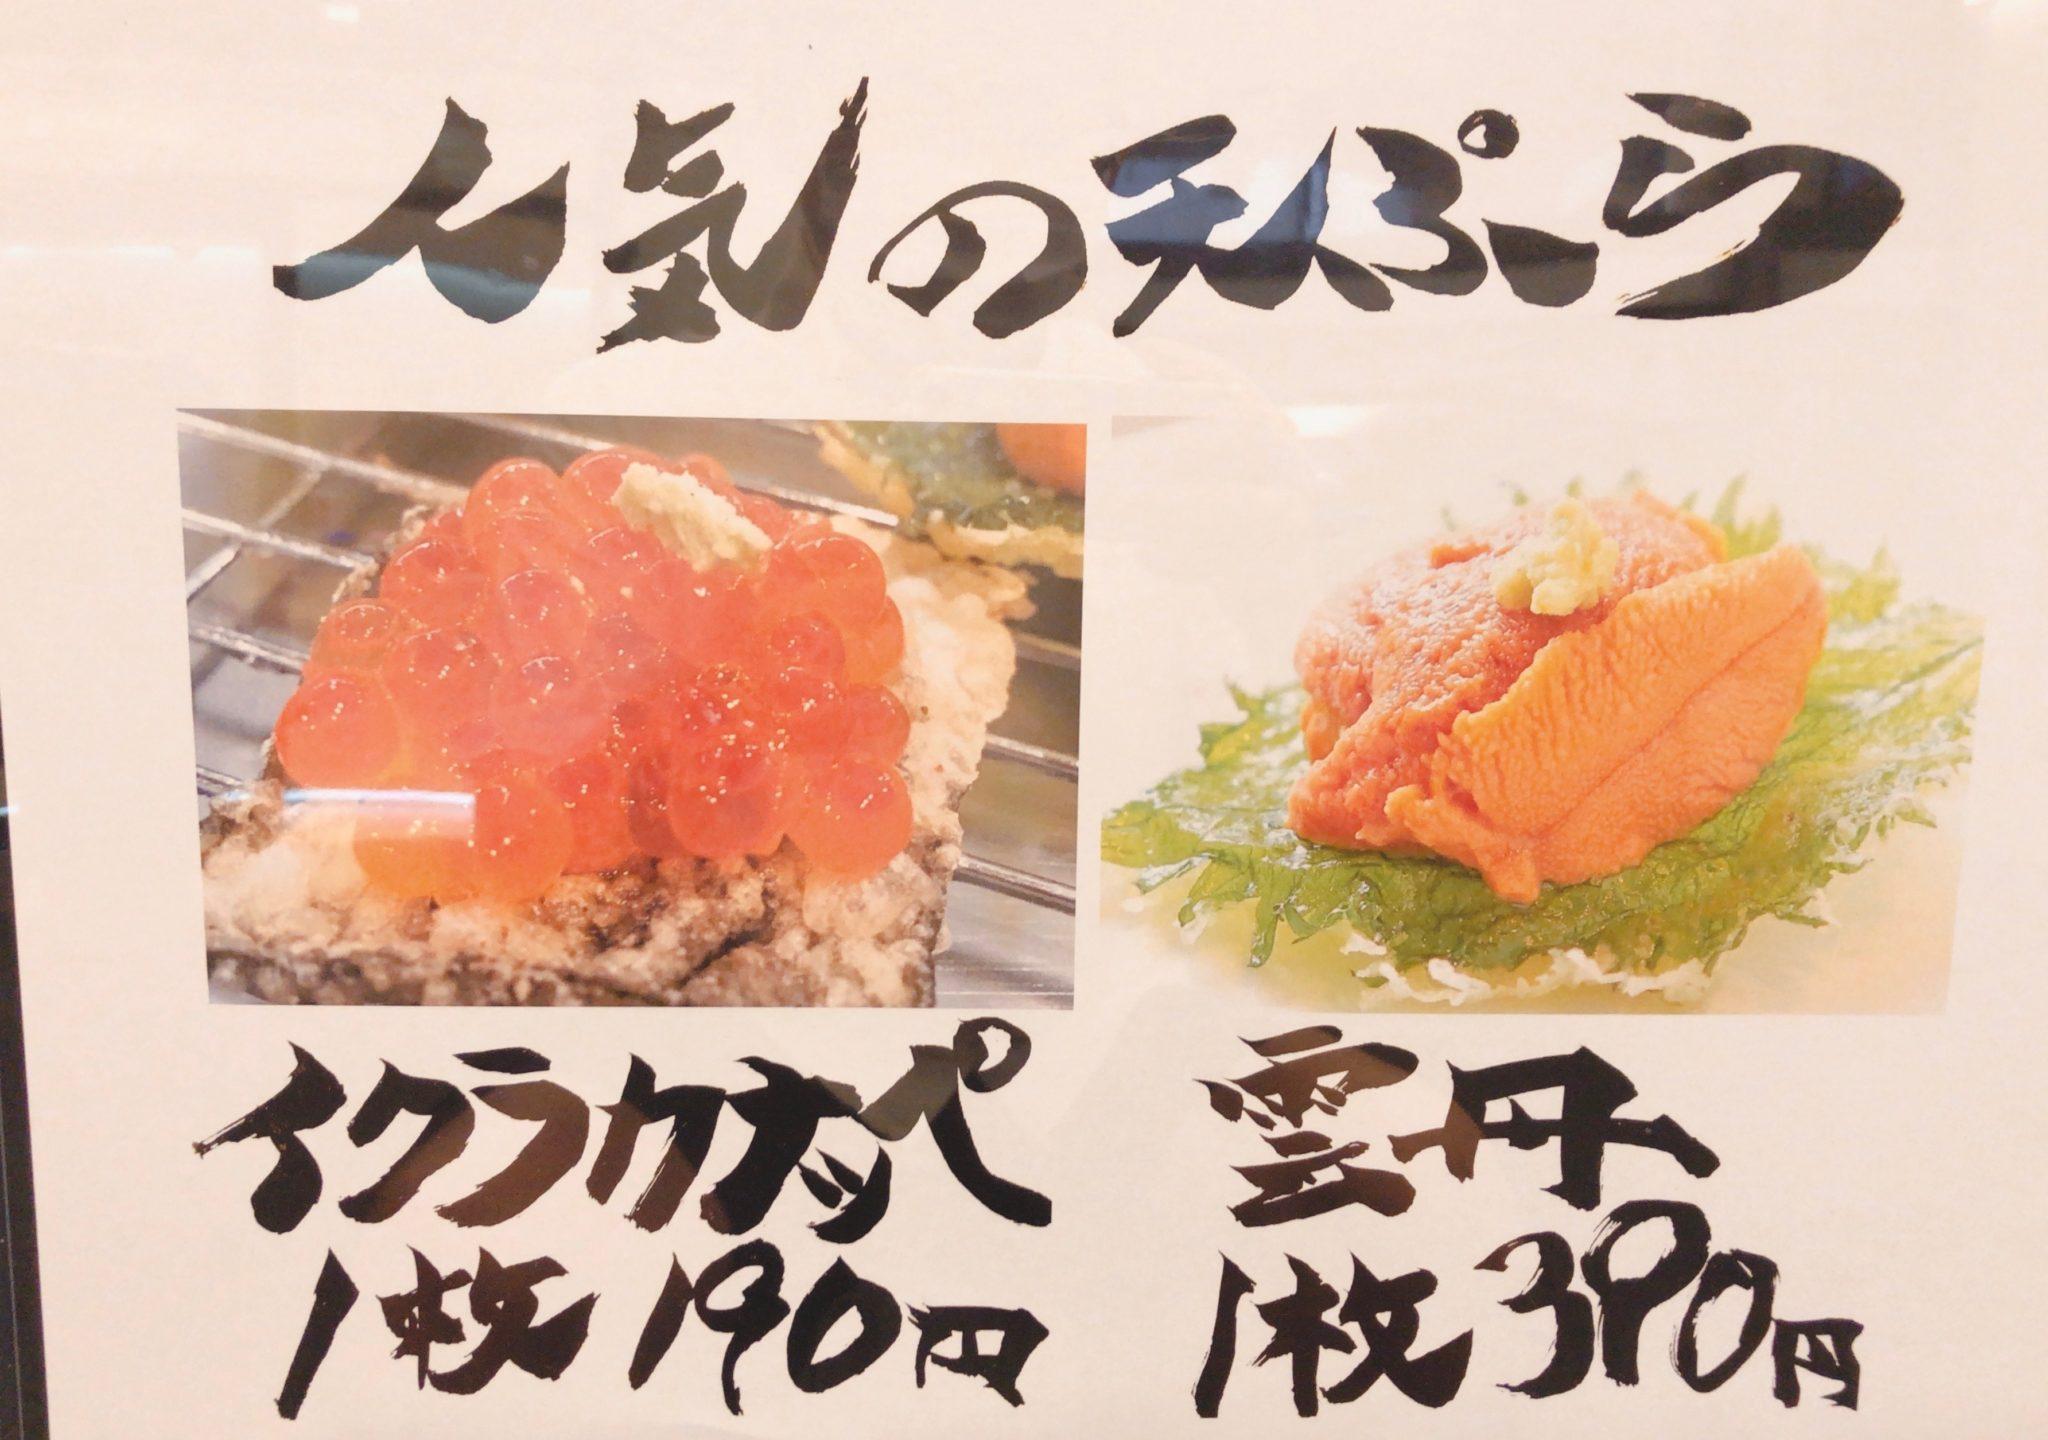 日比谷OKUROJI(ヒビヤオクロジ)の天ぷらワイン大塩のメニュー